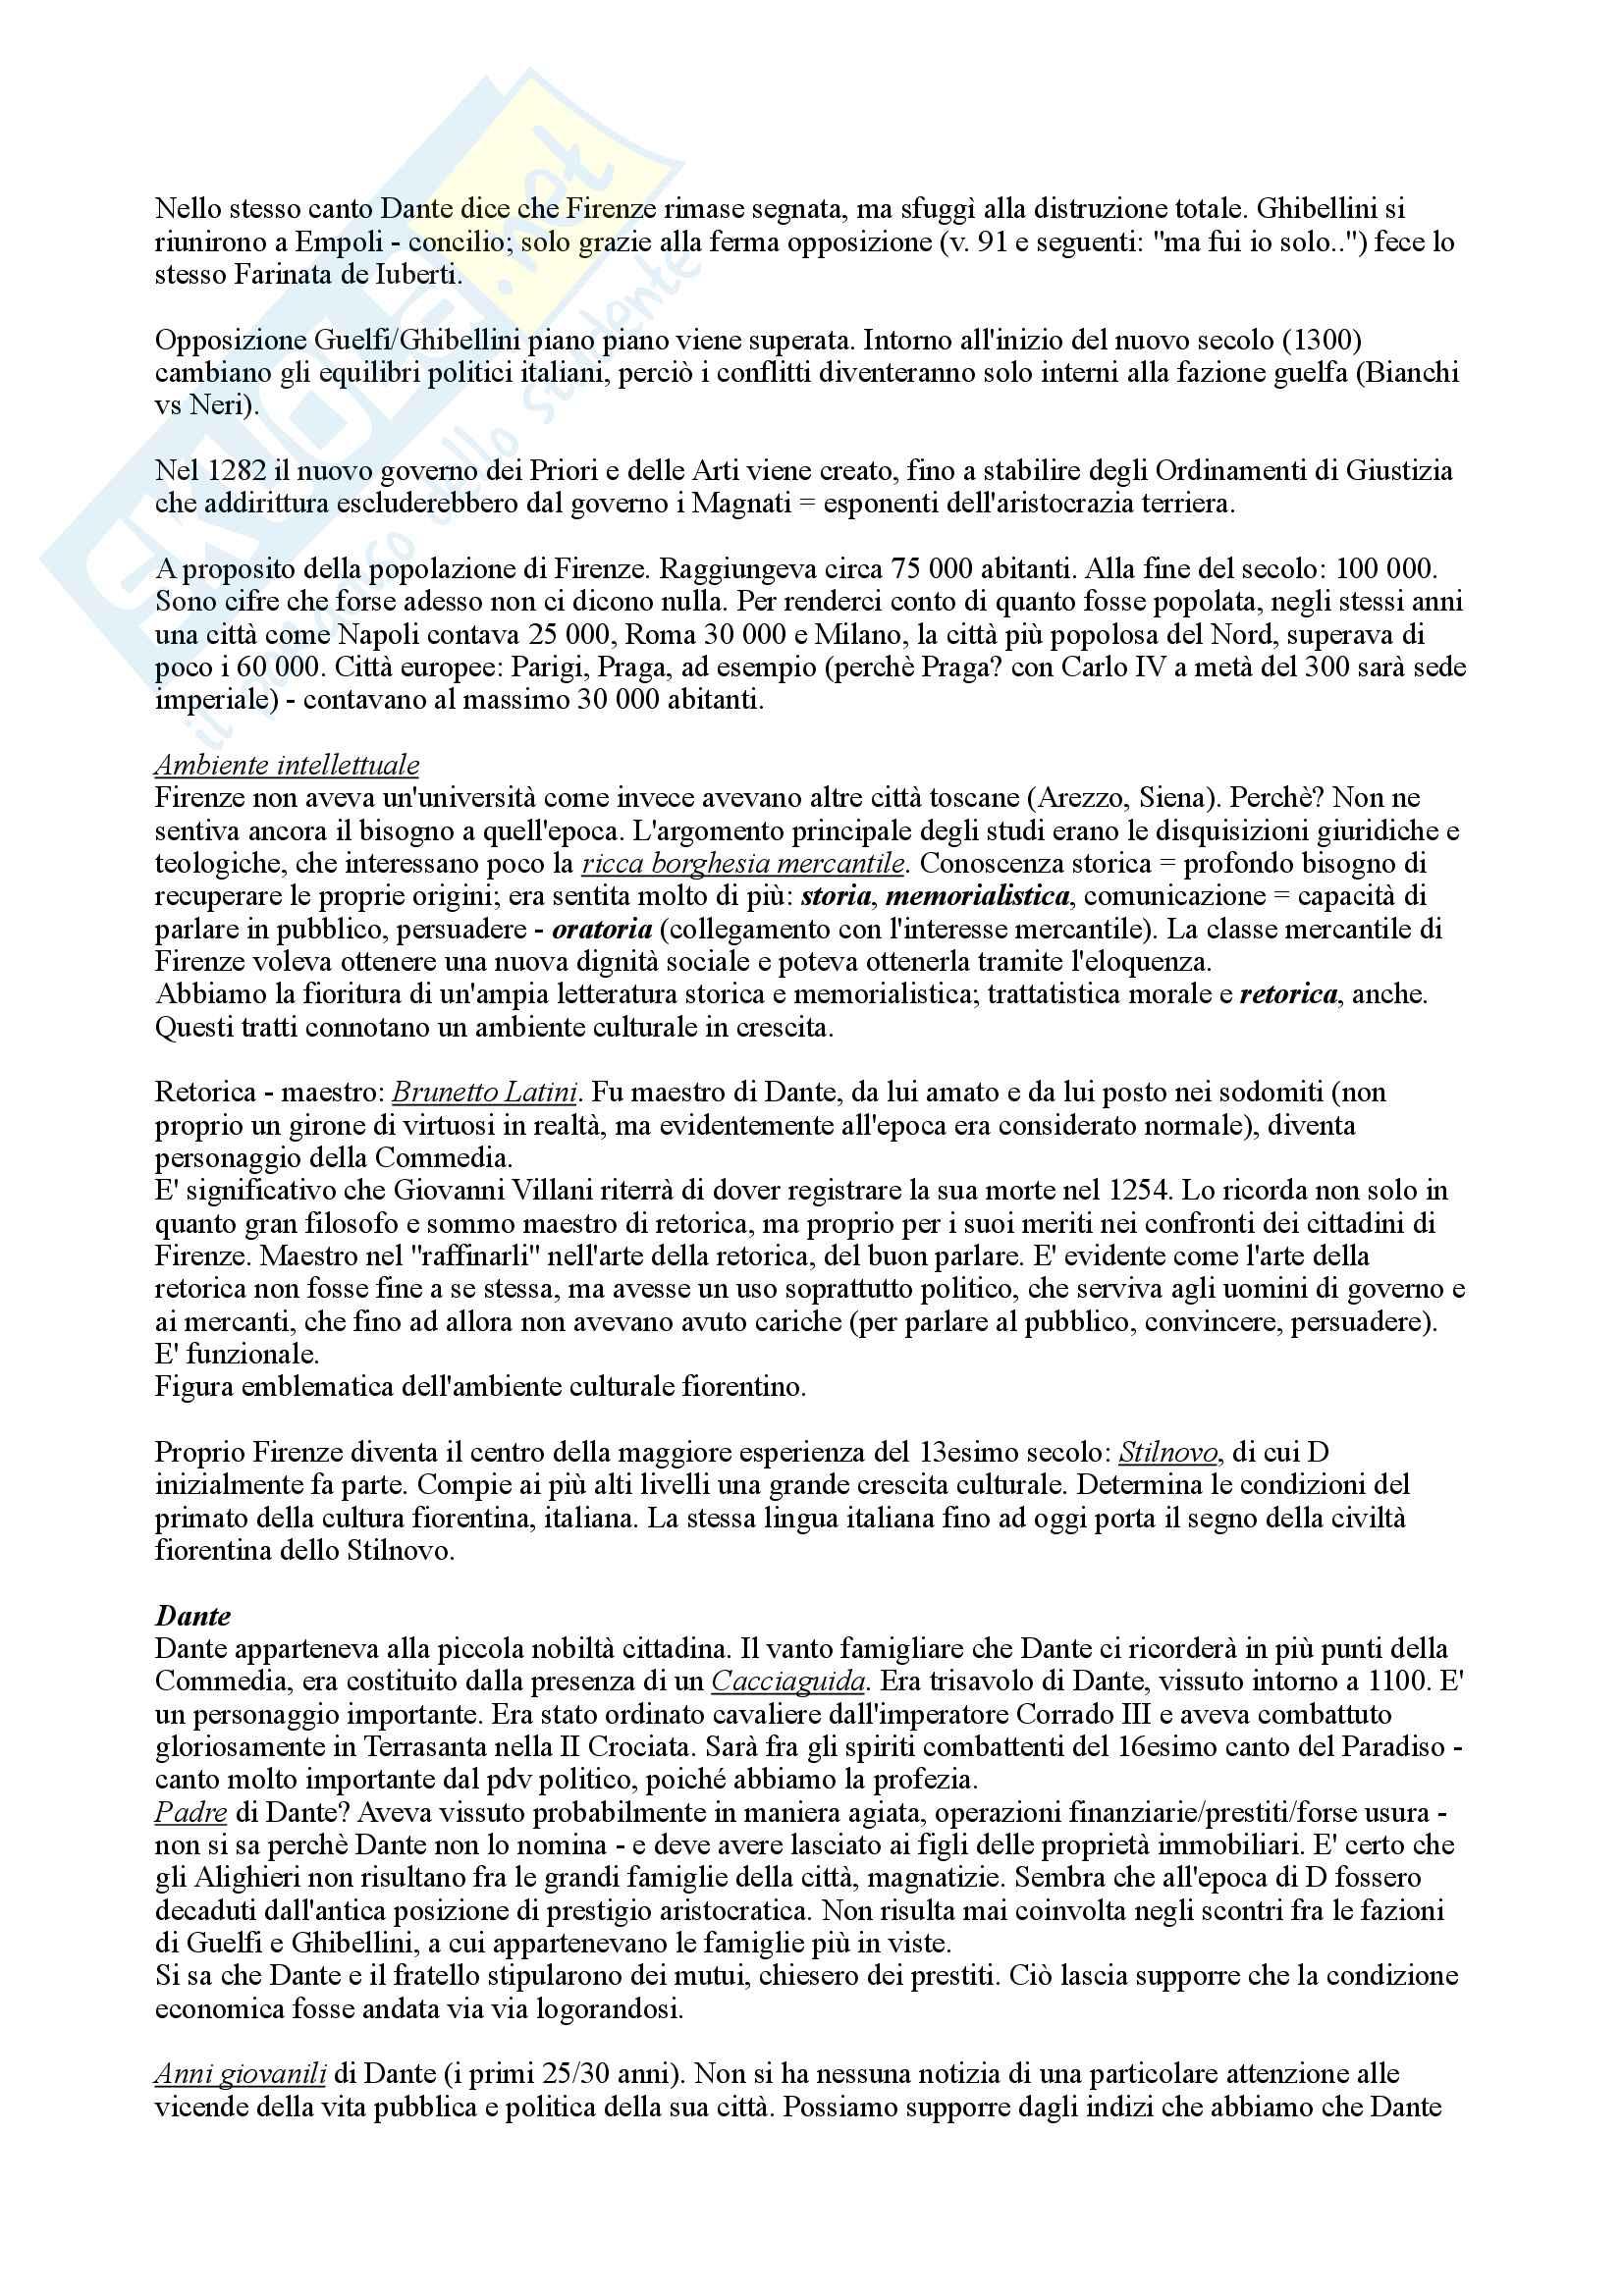 Letteratura italiana corso avanzato 6 crediiti Pag. 2